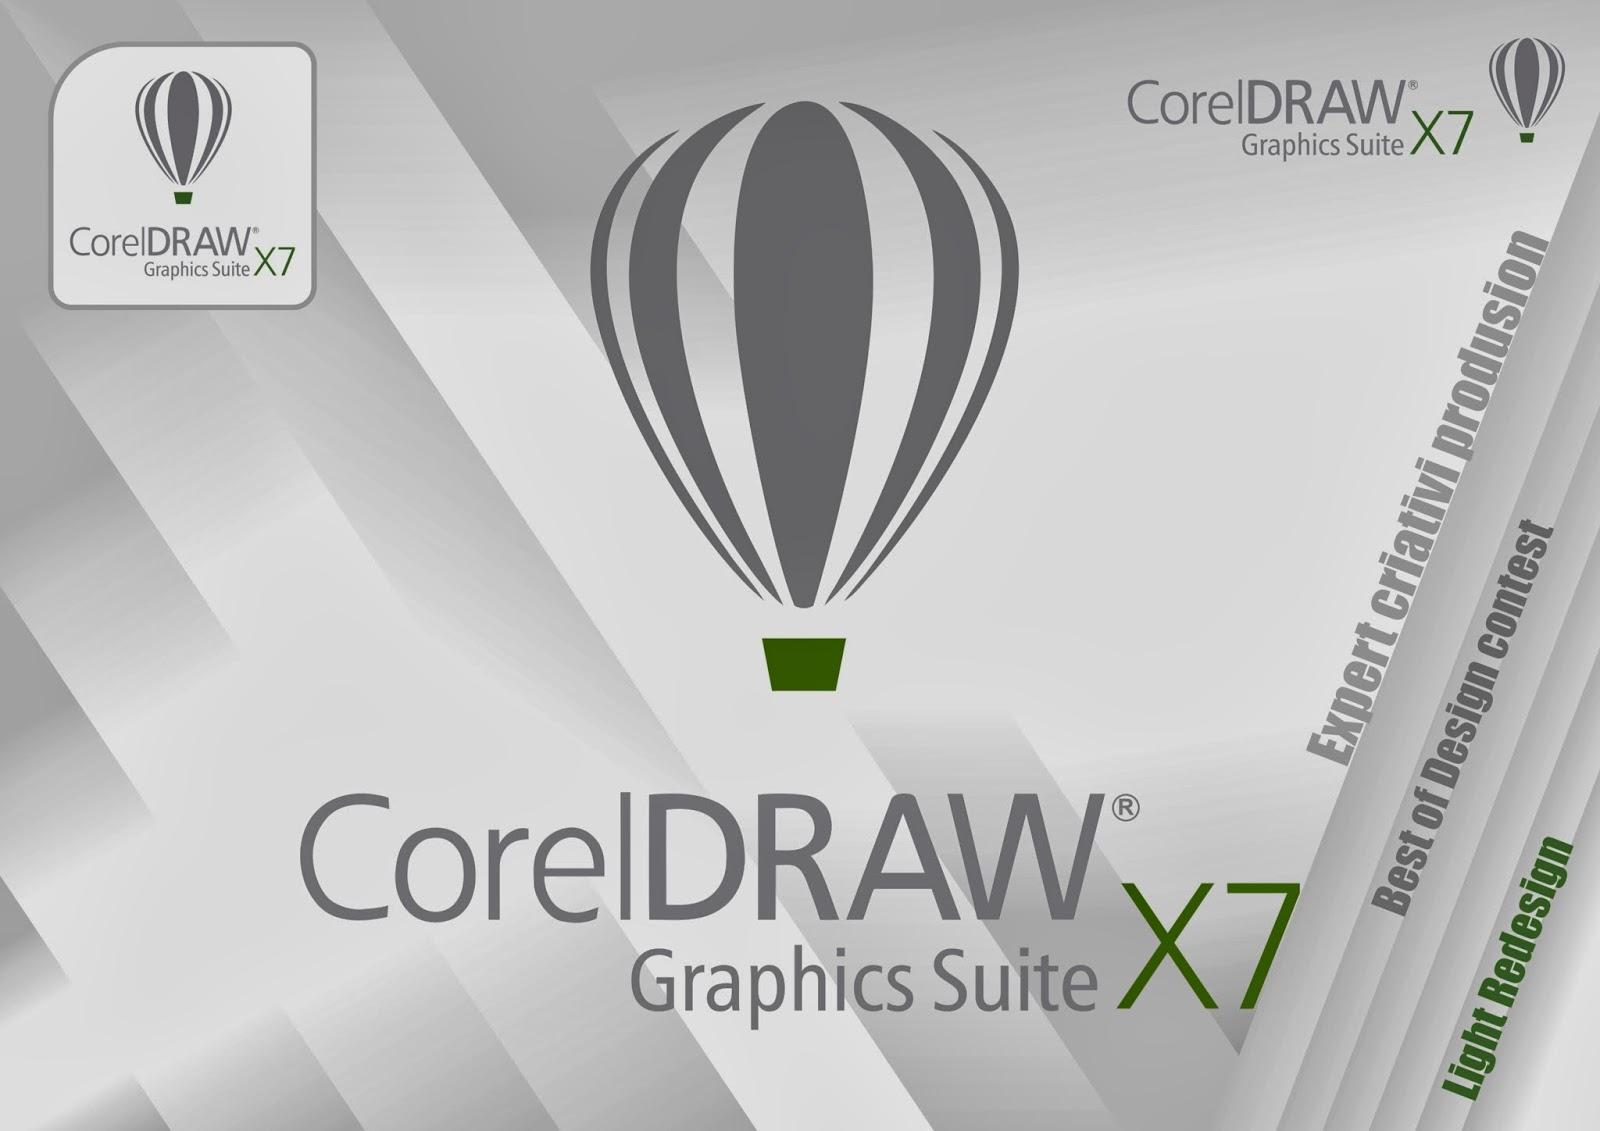 Bem Vindo Ao Coreldraw X7 Lanamento Oficial Do Graphics Bom Mas Vamos Mais Importante Sobre O Que H Novo Nesta Nova Verso Da Coreldrraw Suite